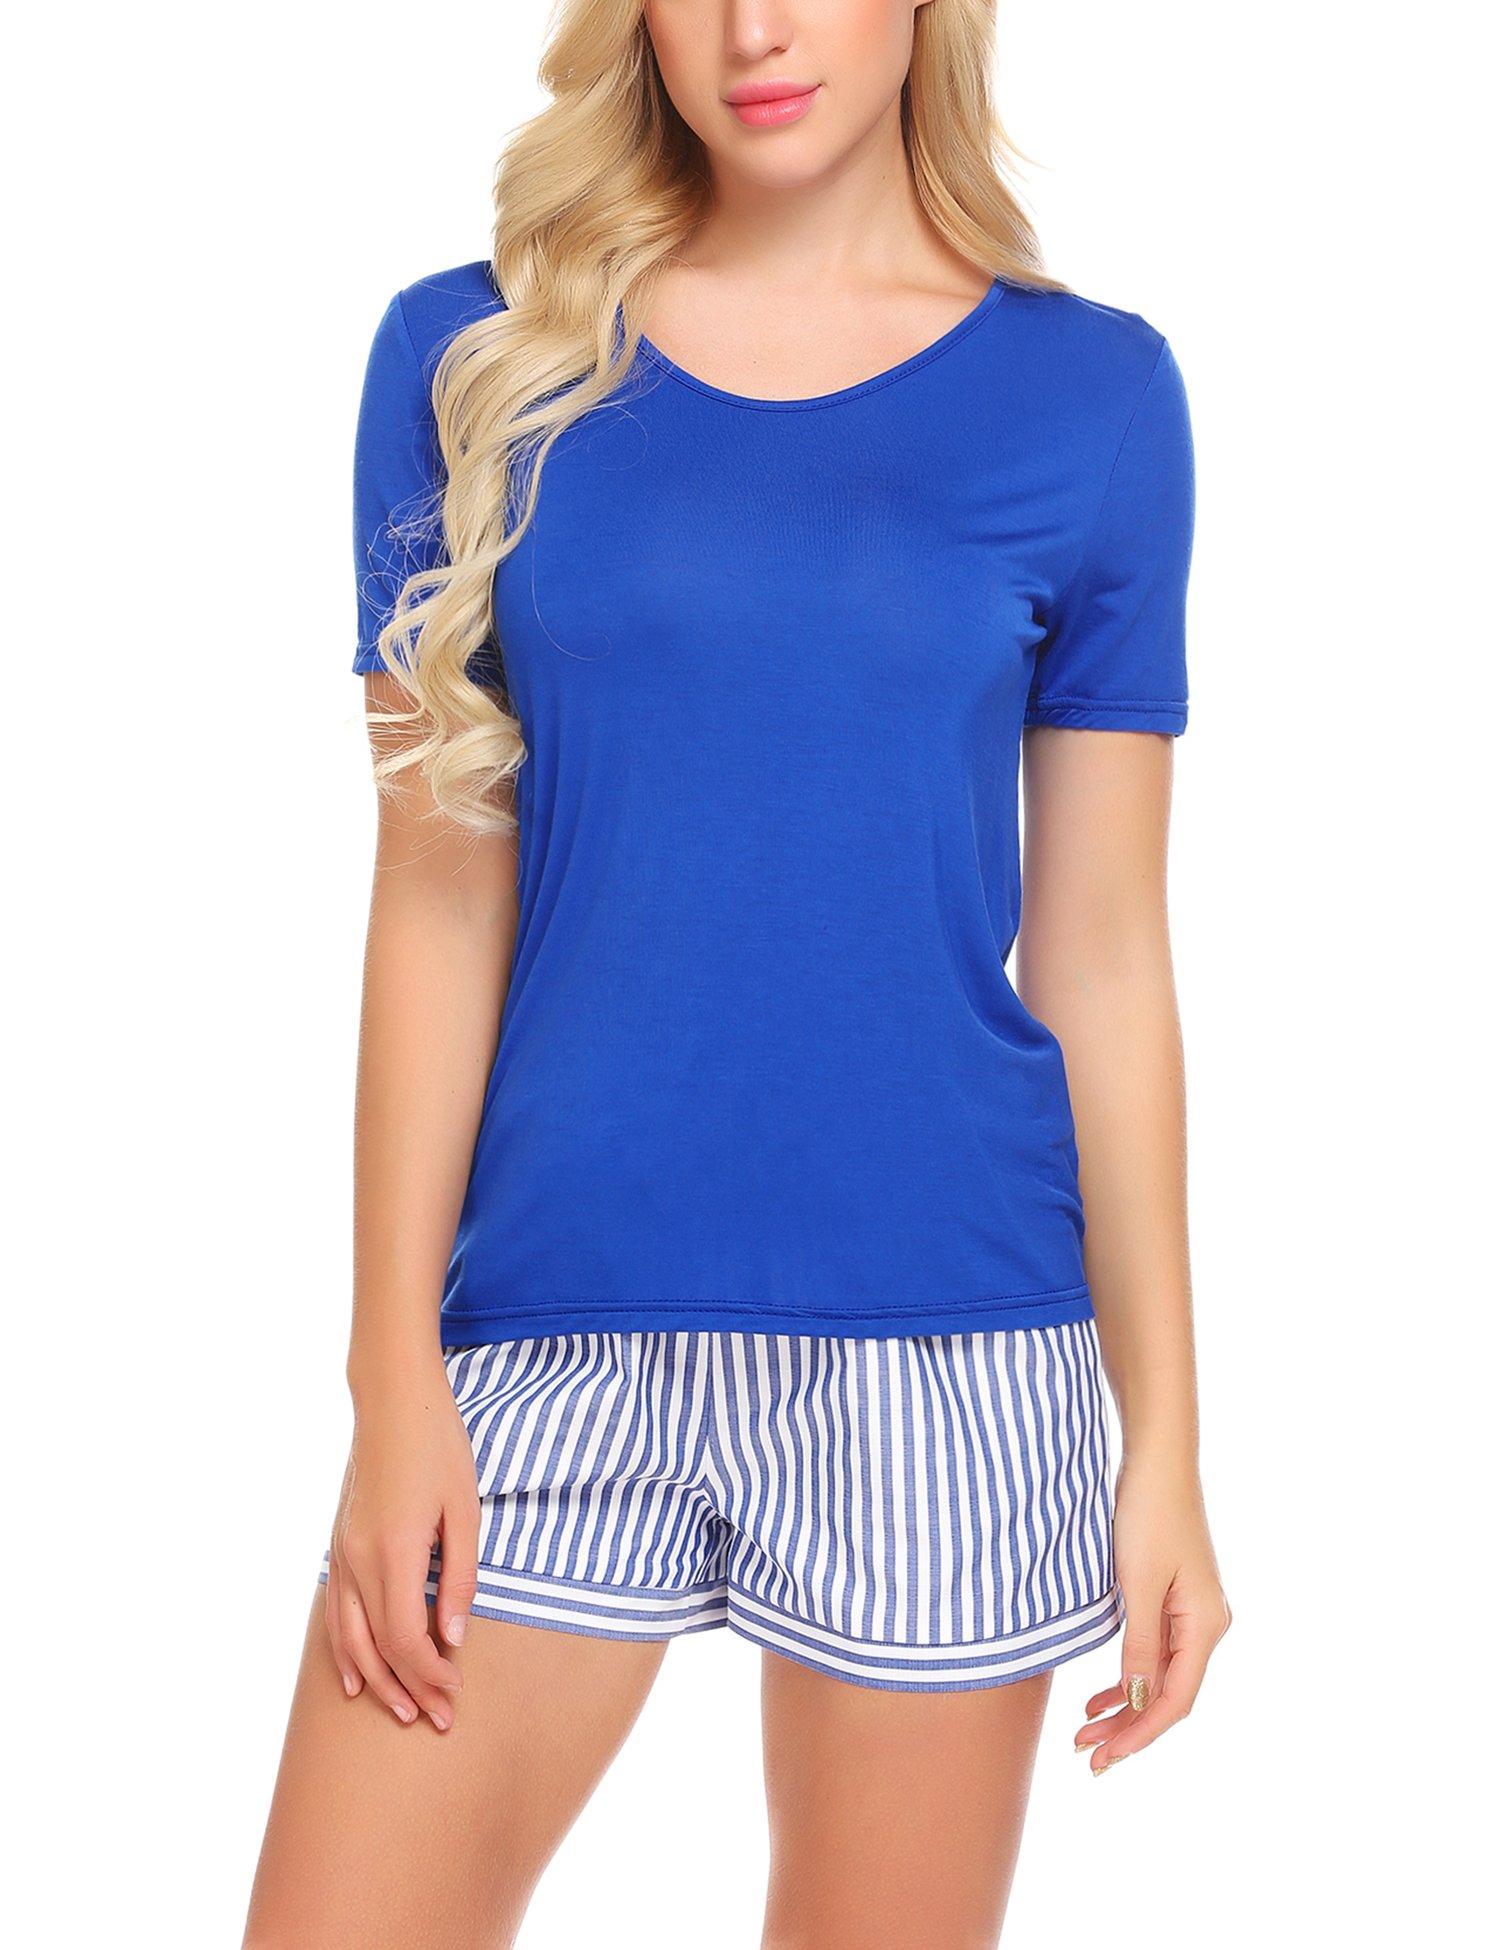 Ekouaer Women Pjs Sets Short Sleeve T Shirt and Shorts Loungewear Striped Sleepwear Pjs Sets